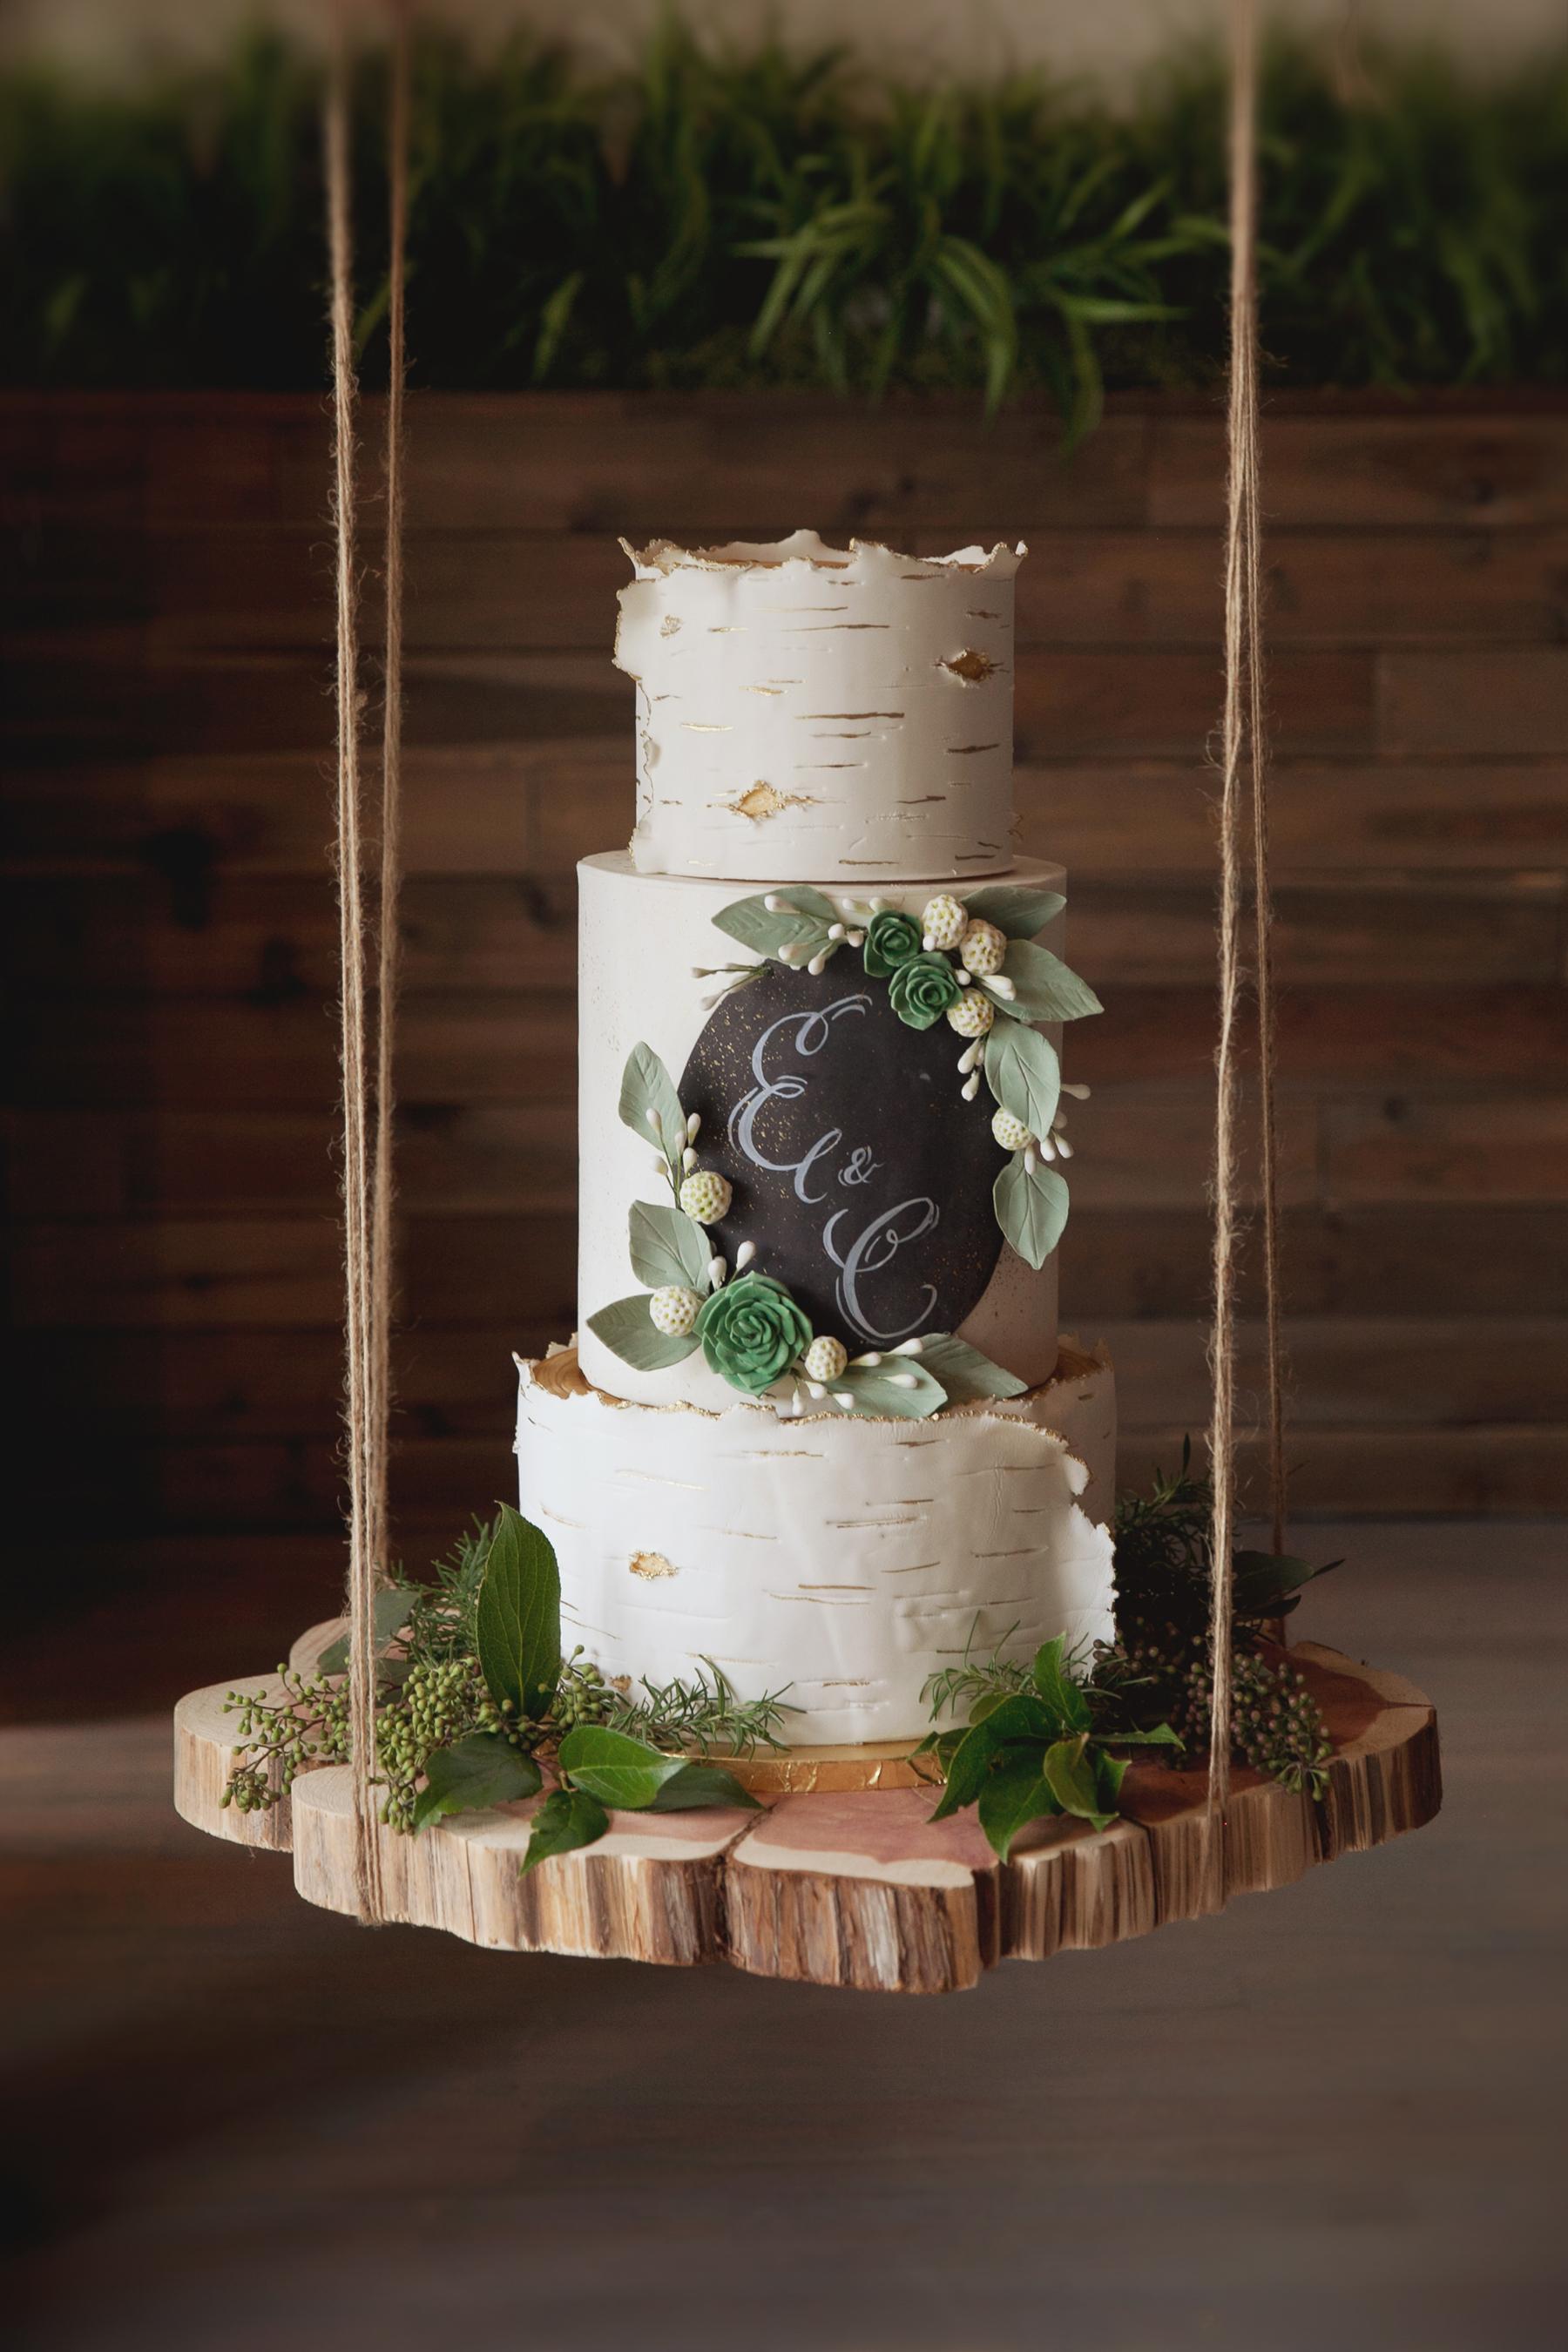 Birch Tree Wedding Cake with Chalkboard